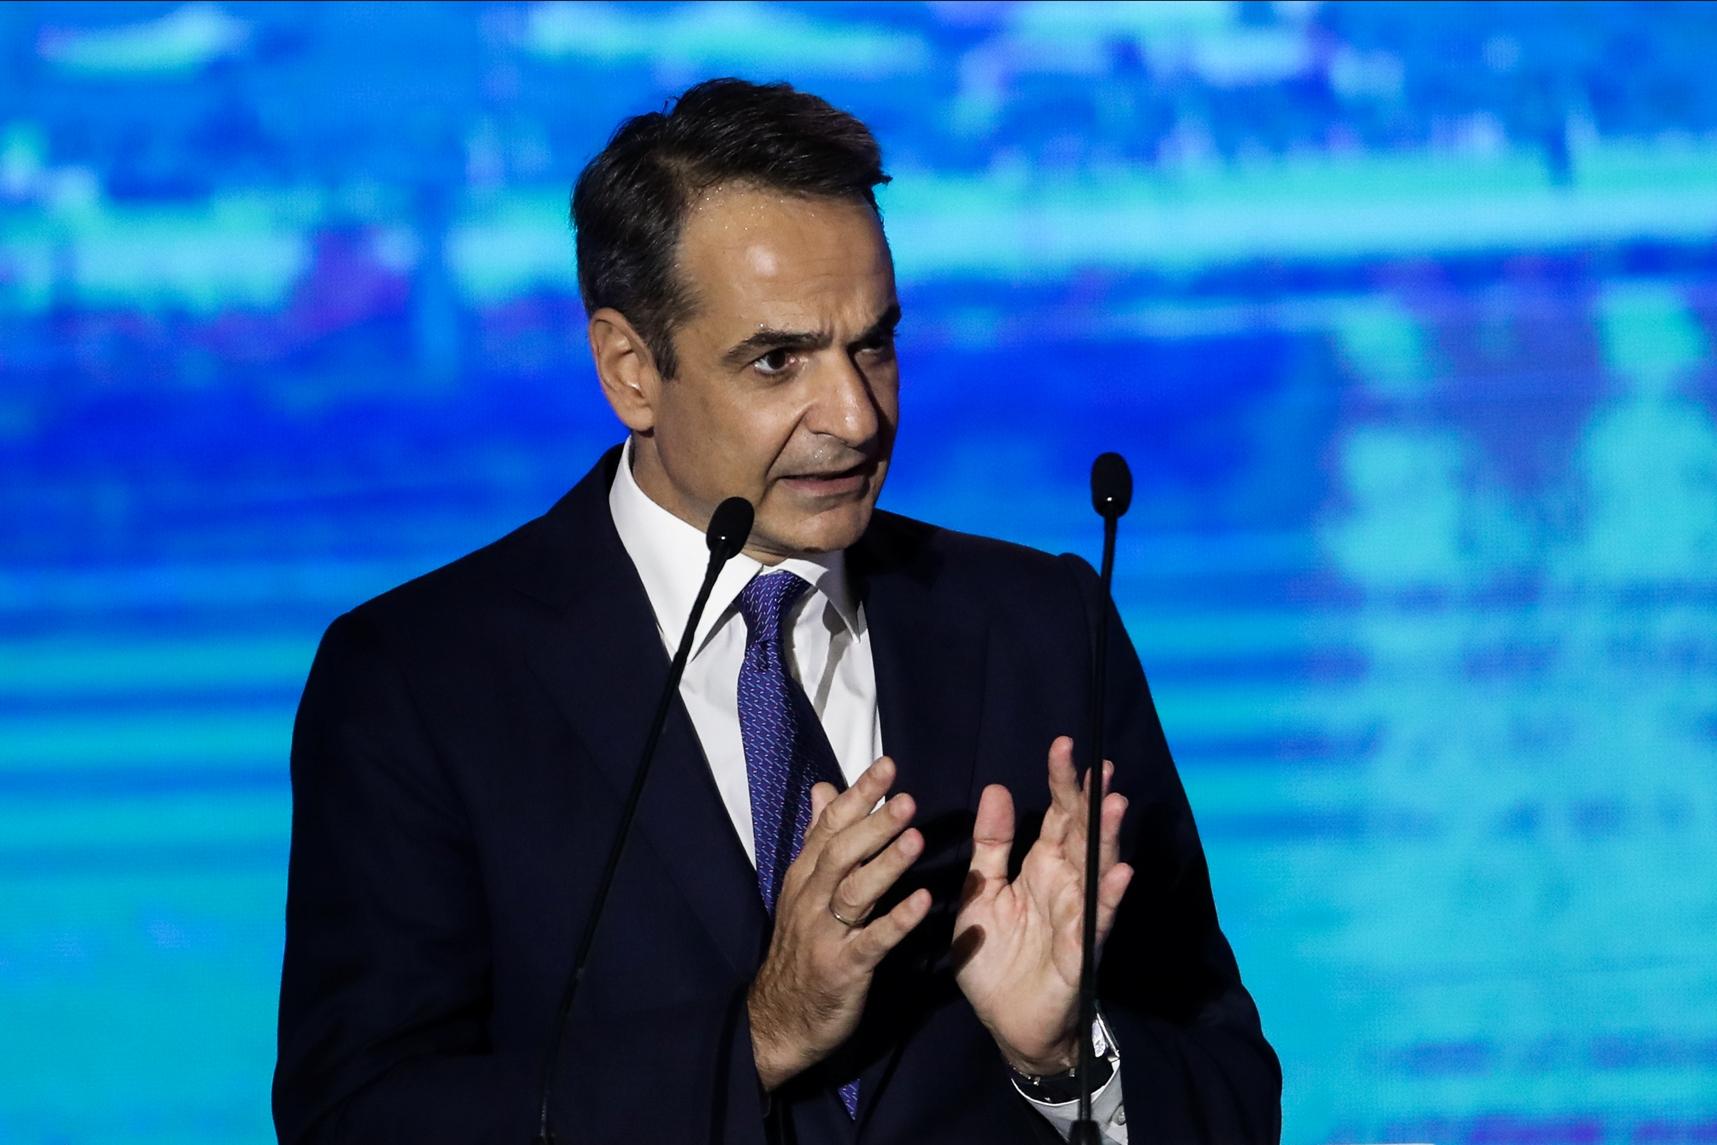 Ομιλία του Πρωθυπουργού Κυριάκου Μητσοτάκη στα εγκαίνια της 85ης Διεθνούς Έκθεσης Θεσσαλονίκης, Σάββατο 11 Σεπτεμβρίου 2021. (ΜΟΤΙΟΝΤΕΑΜ/ΒΑΣΙΛΗΣ ΒΕΡΒΕΡΙΔΗΣ)